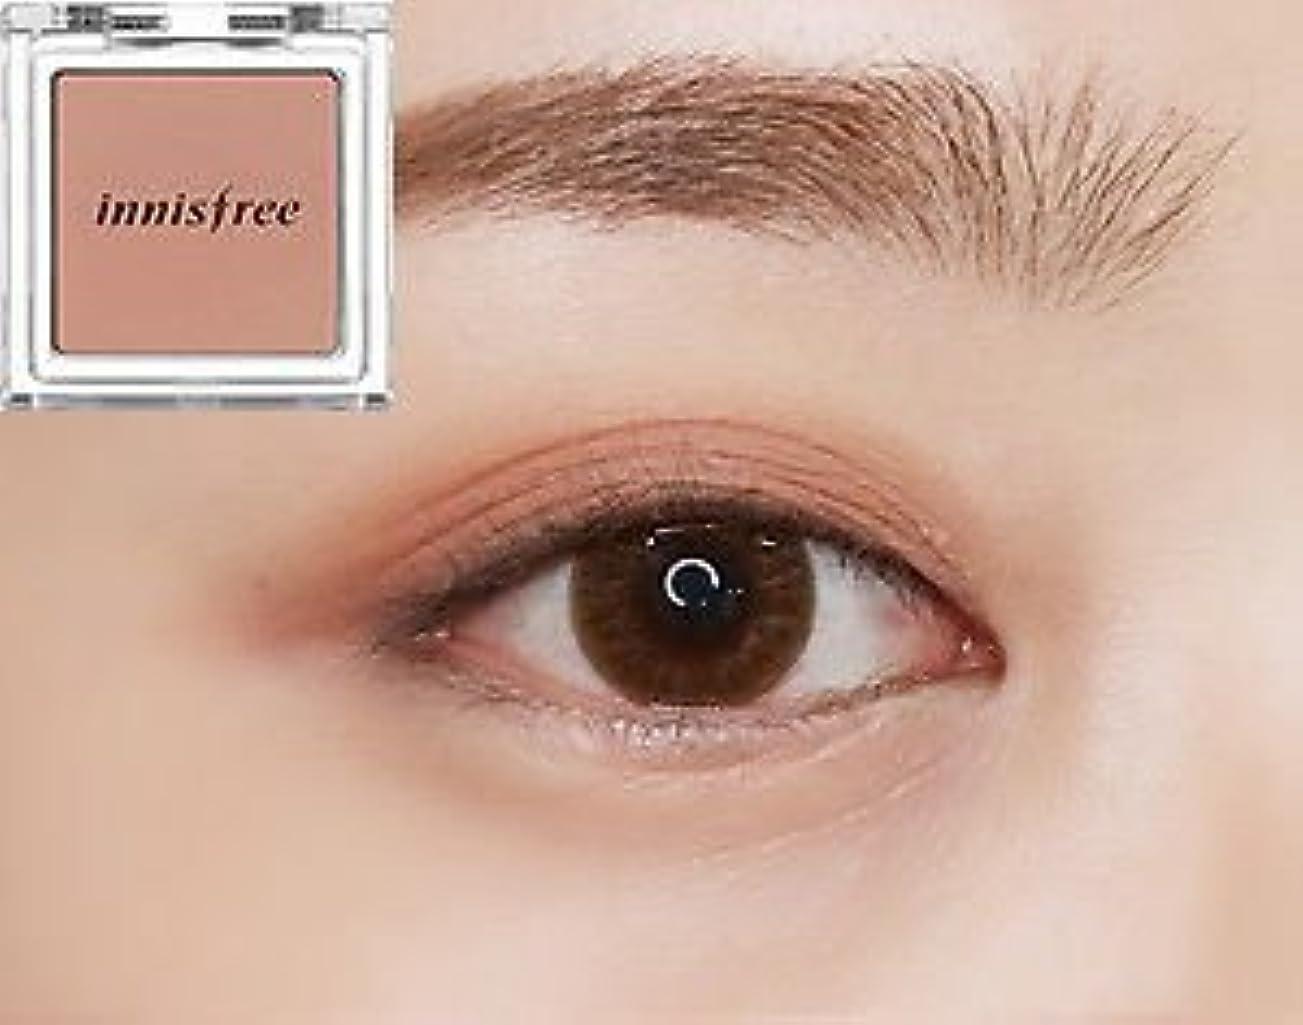 ブラジャー対応適応的[イニスフリー] innisfree [マイ パレット マイ アイシャドウ (マット) 40カラー] MY PALETTE My Eyeshadow (Matte) 40 Shades [海外直送品] (マット #11)